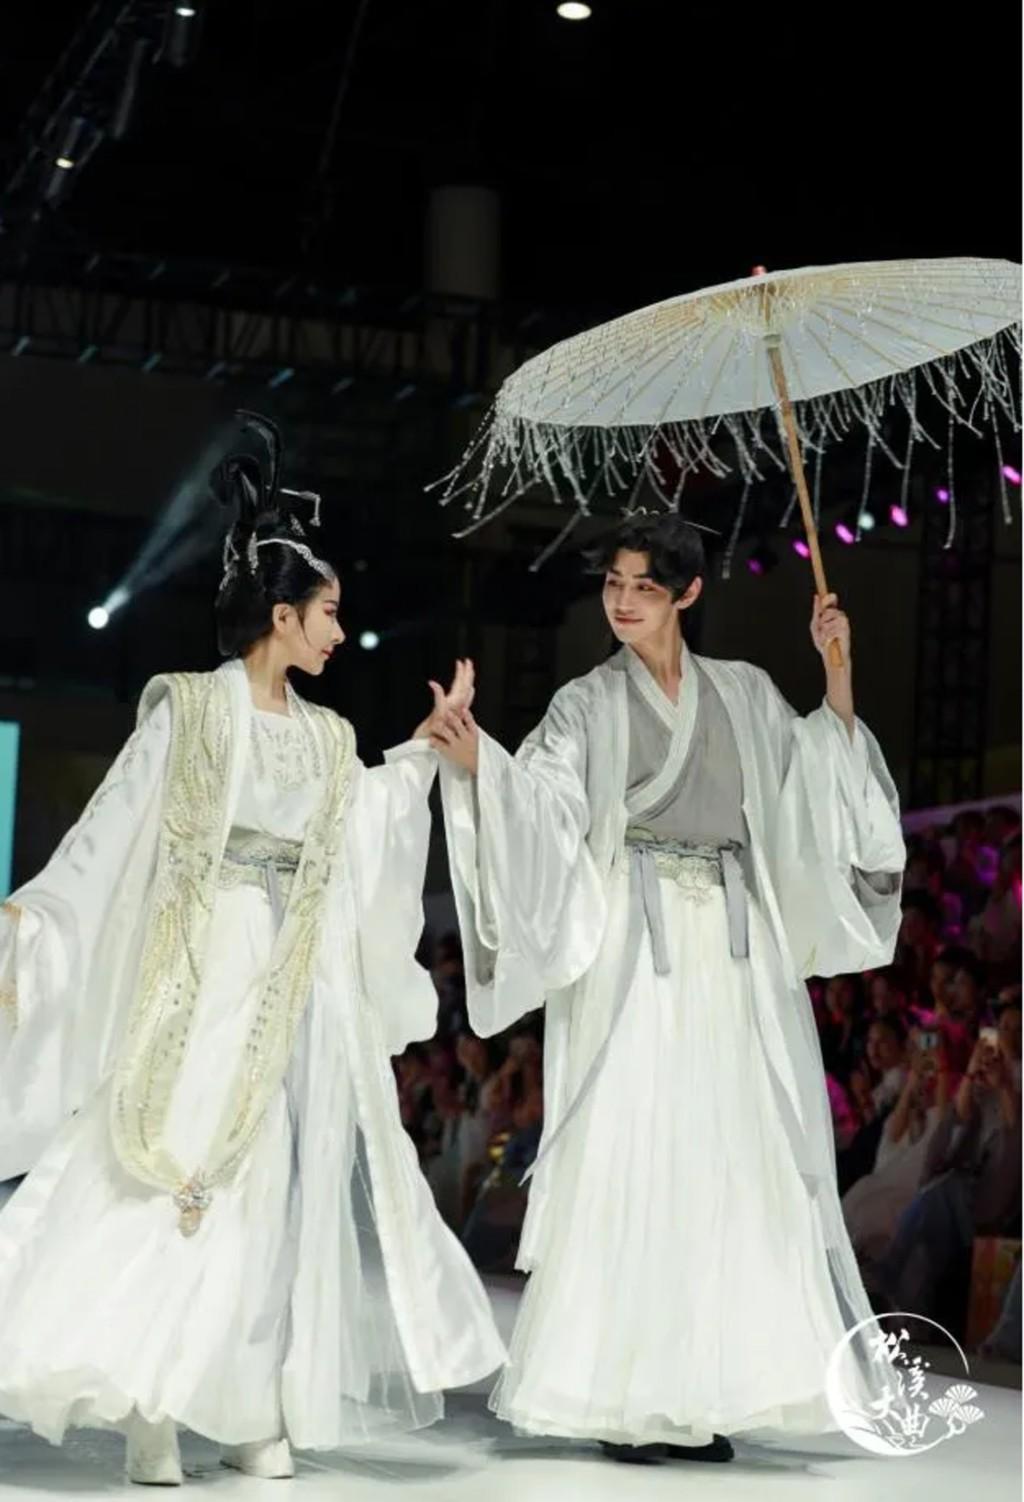 漢服時尚爆紅!2020年最驚豔漢服走秀